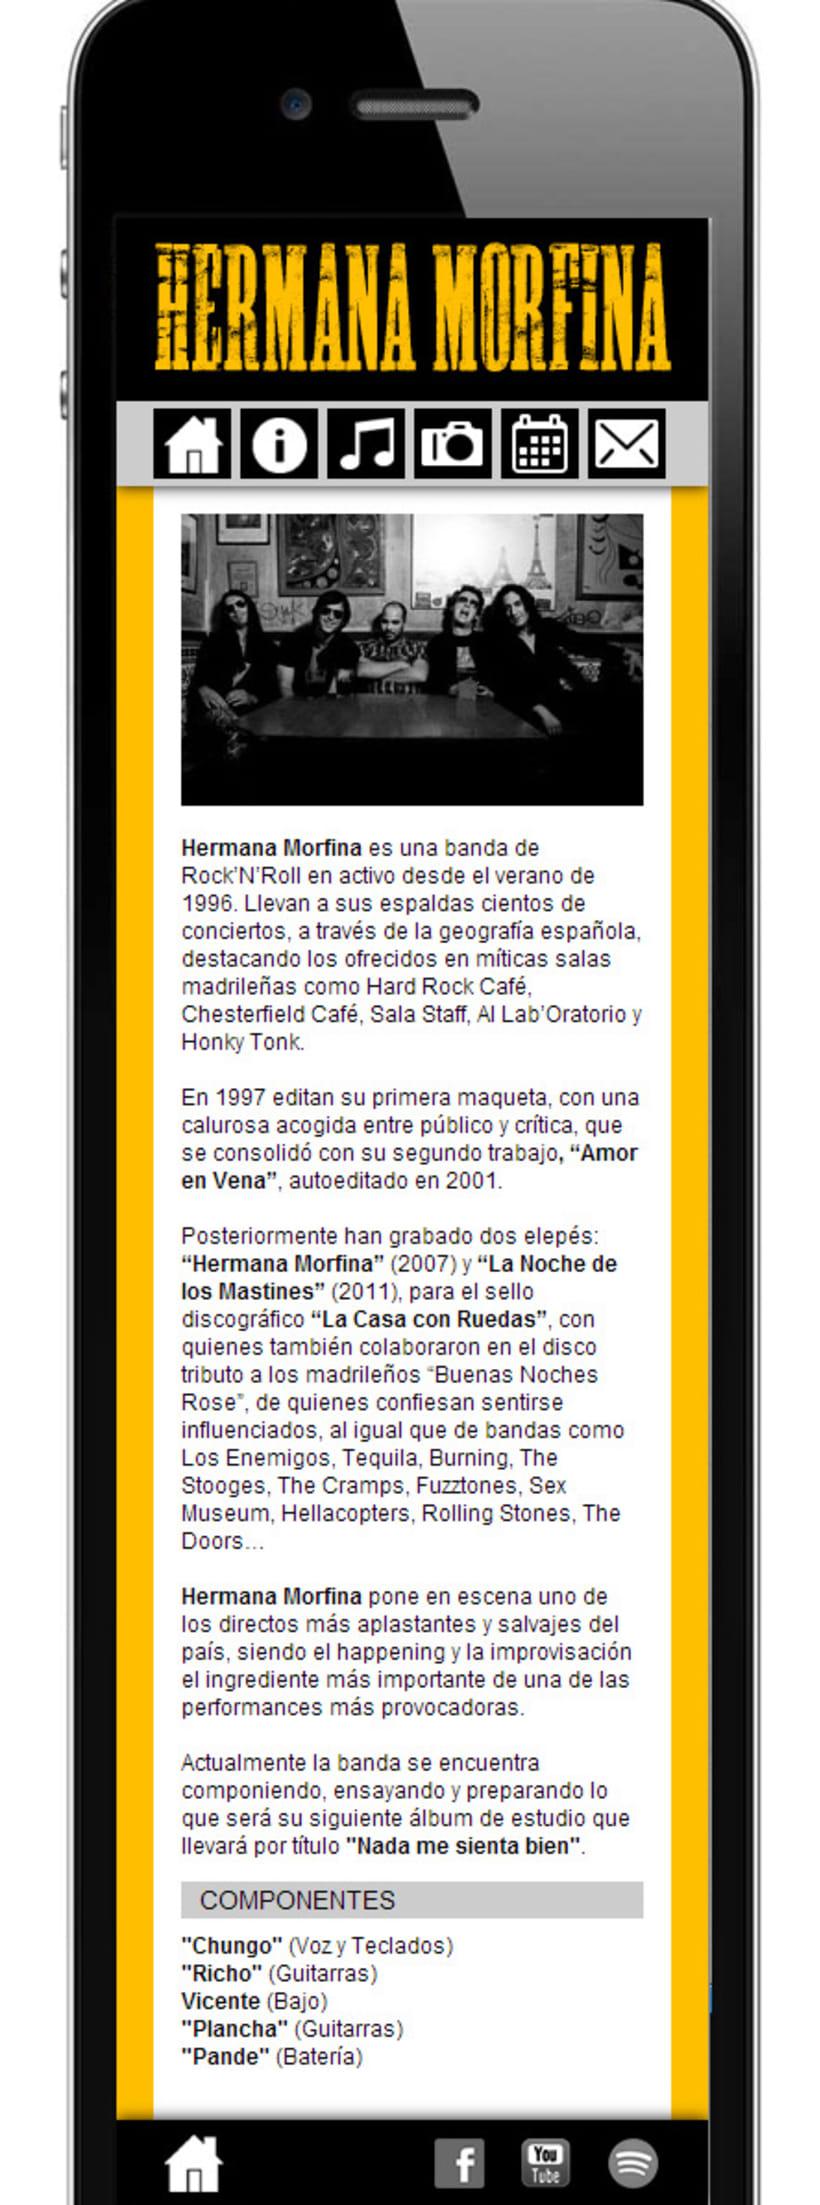 hermanamorfina.com (versión para dispositivos móviles) 0